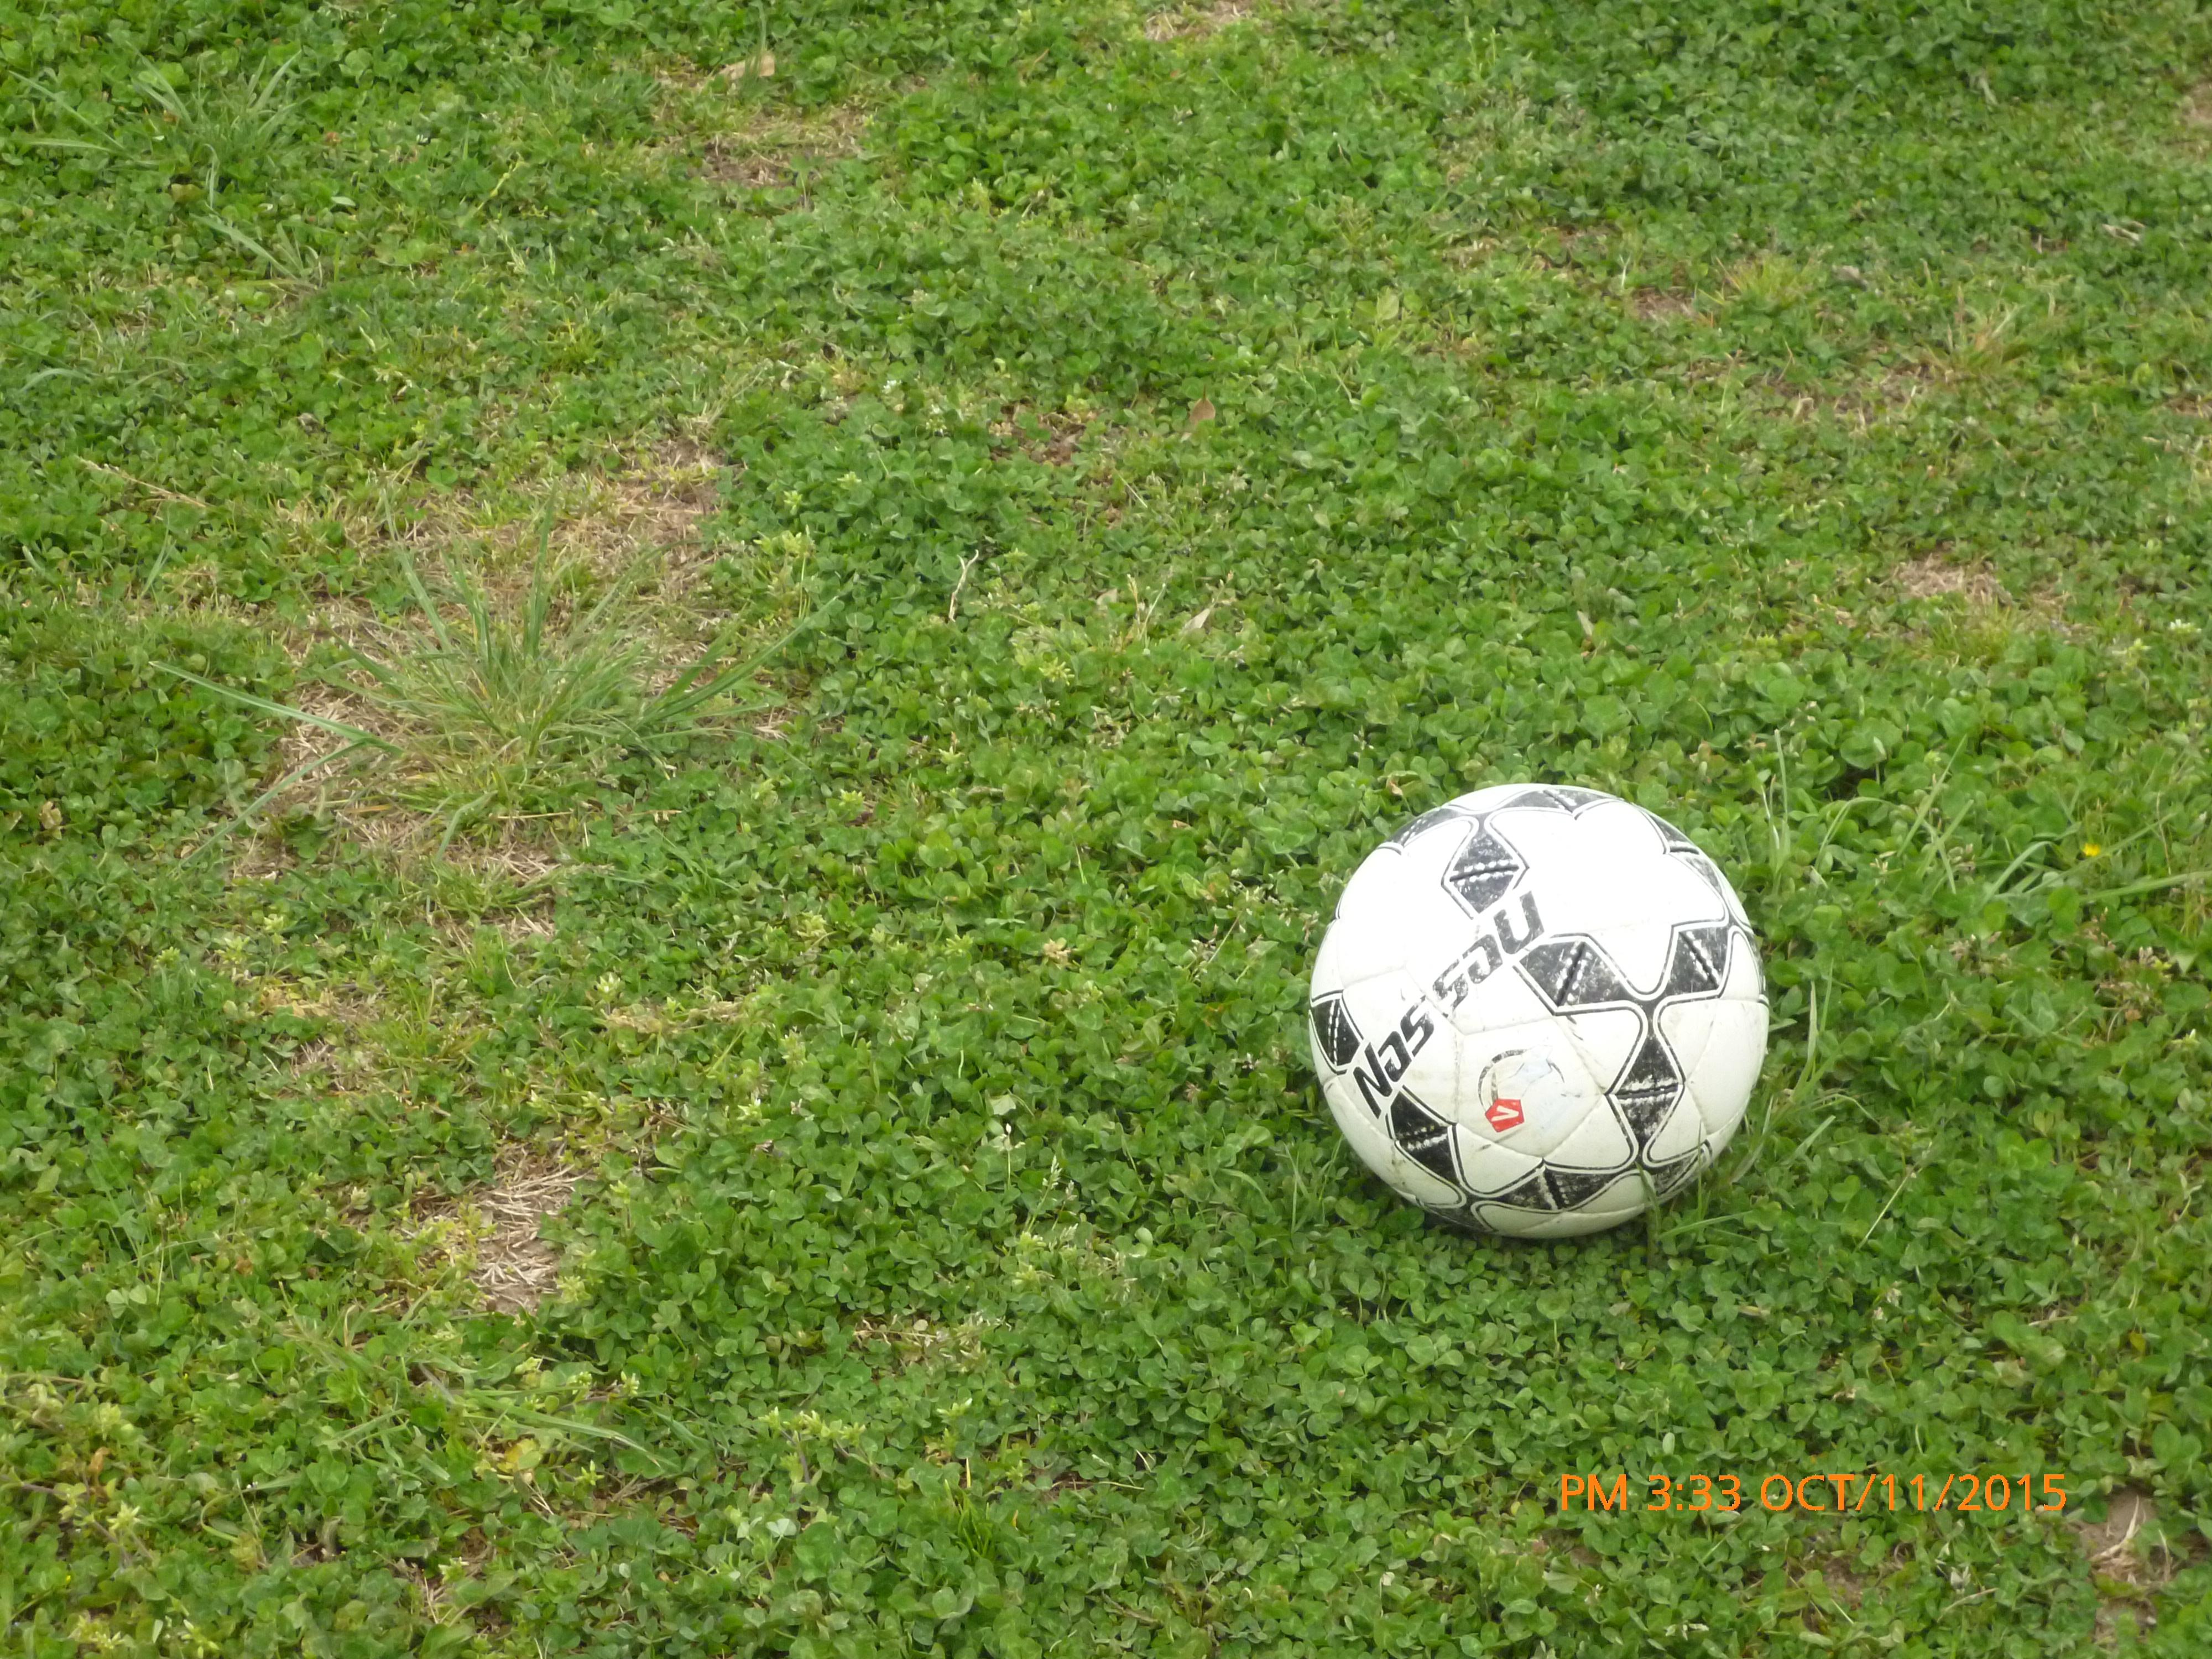 Futbol del Recuerdo - Goleada de Unión Pigüé en su debut en Coronel Suárez.